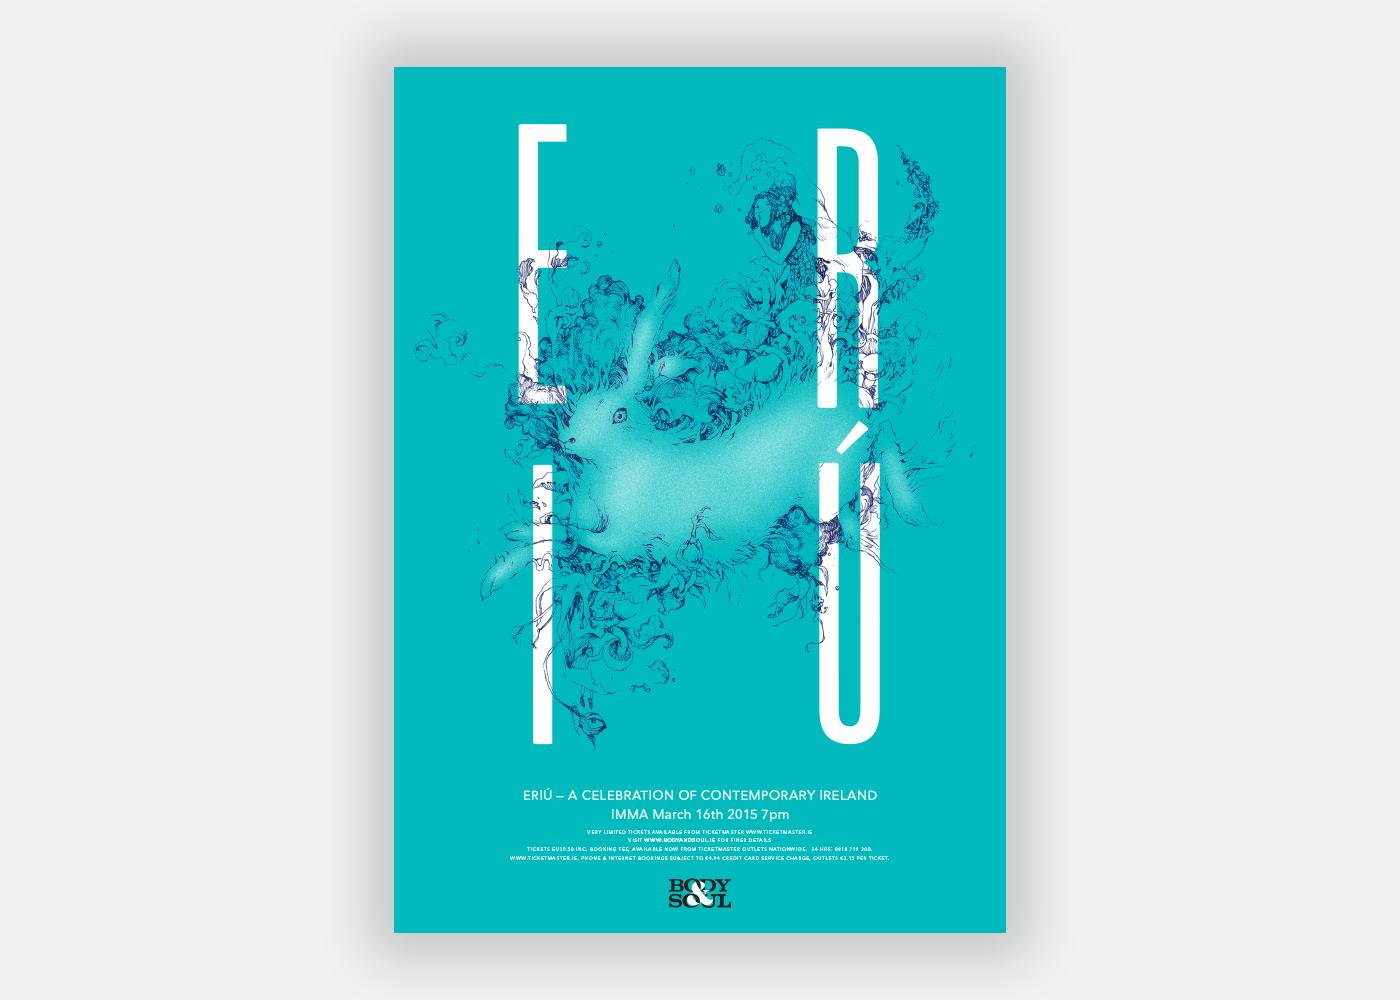 Cover image: ÉRIU (2015)